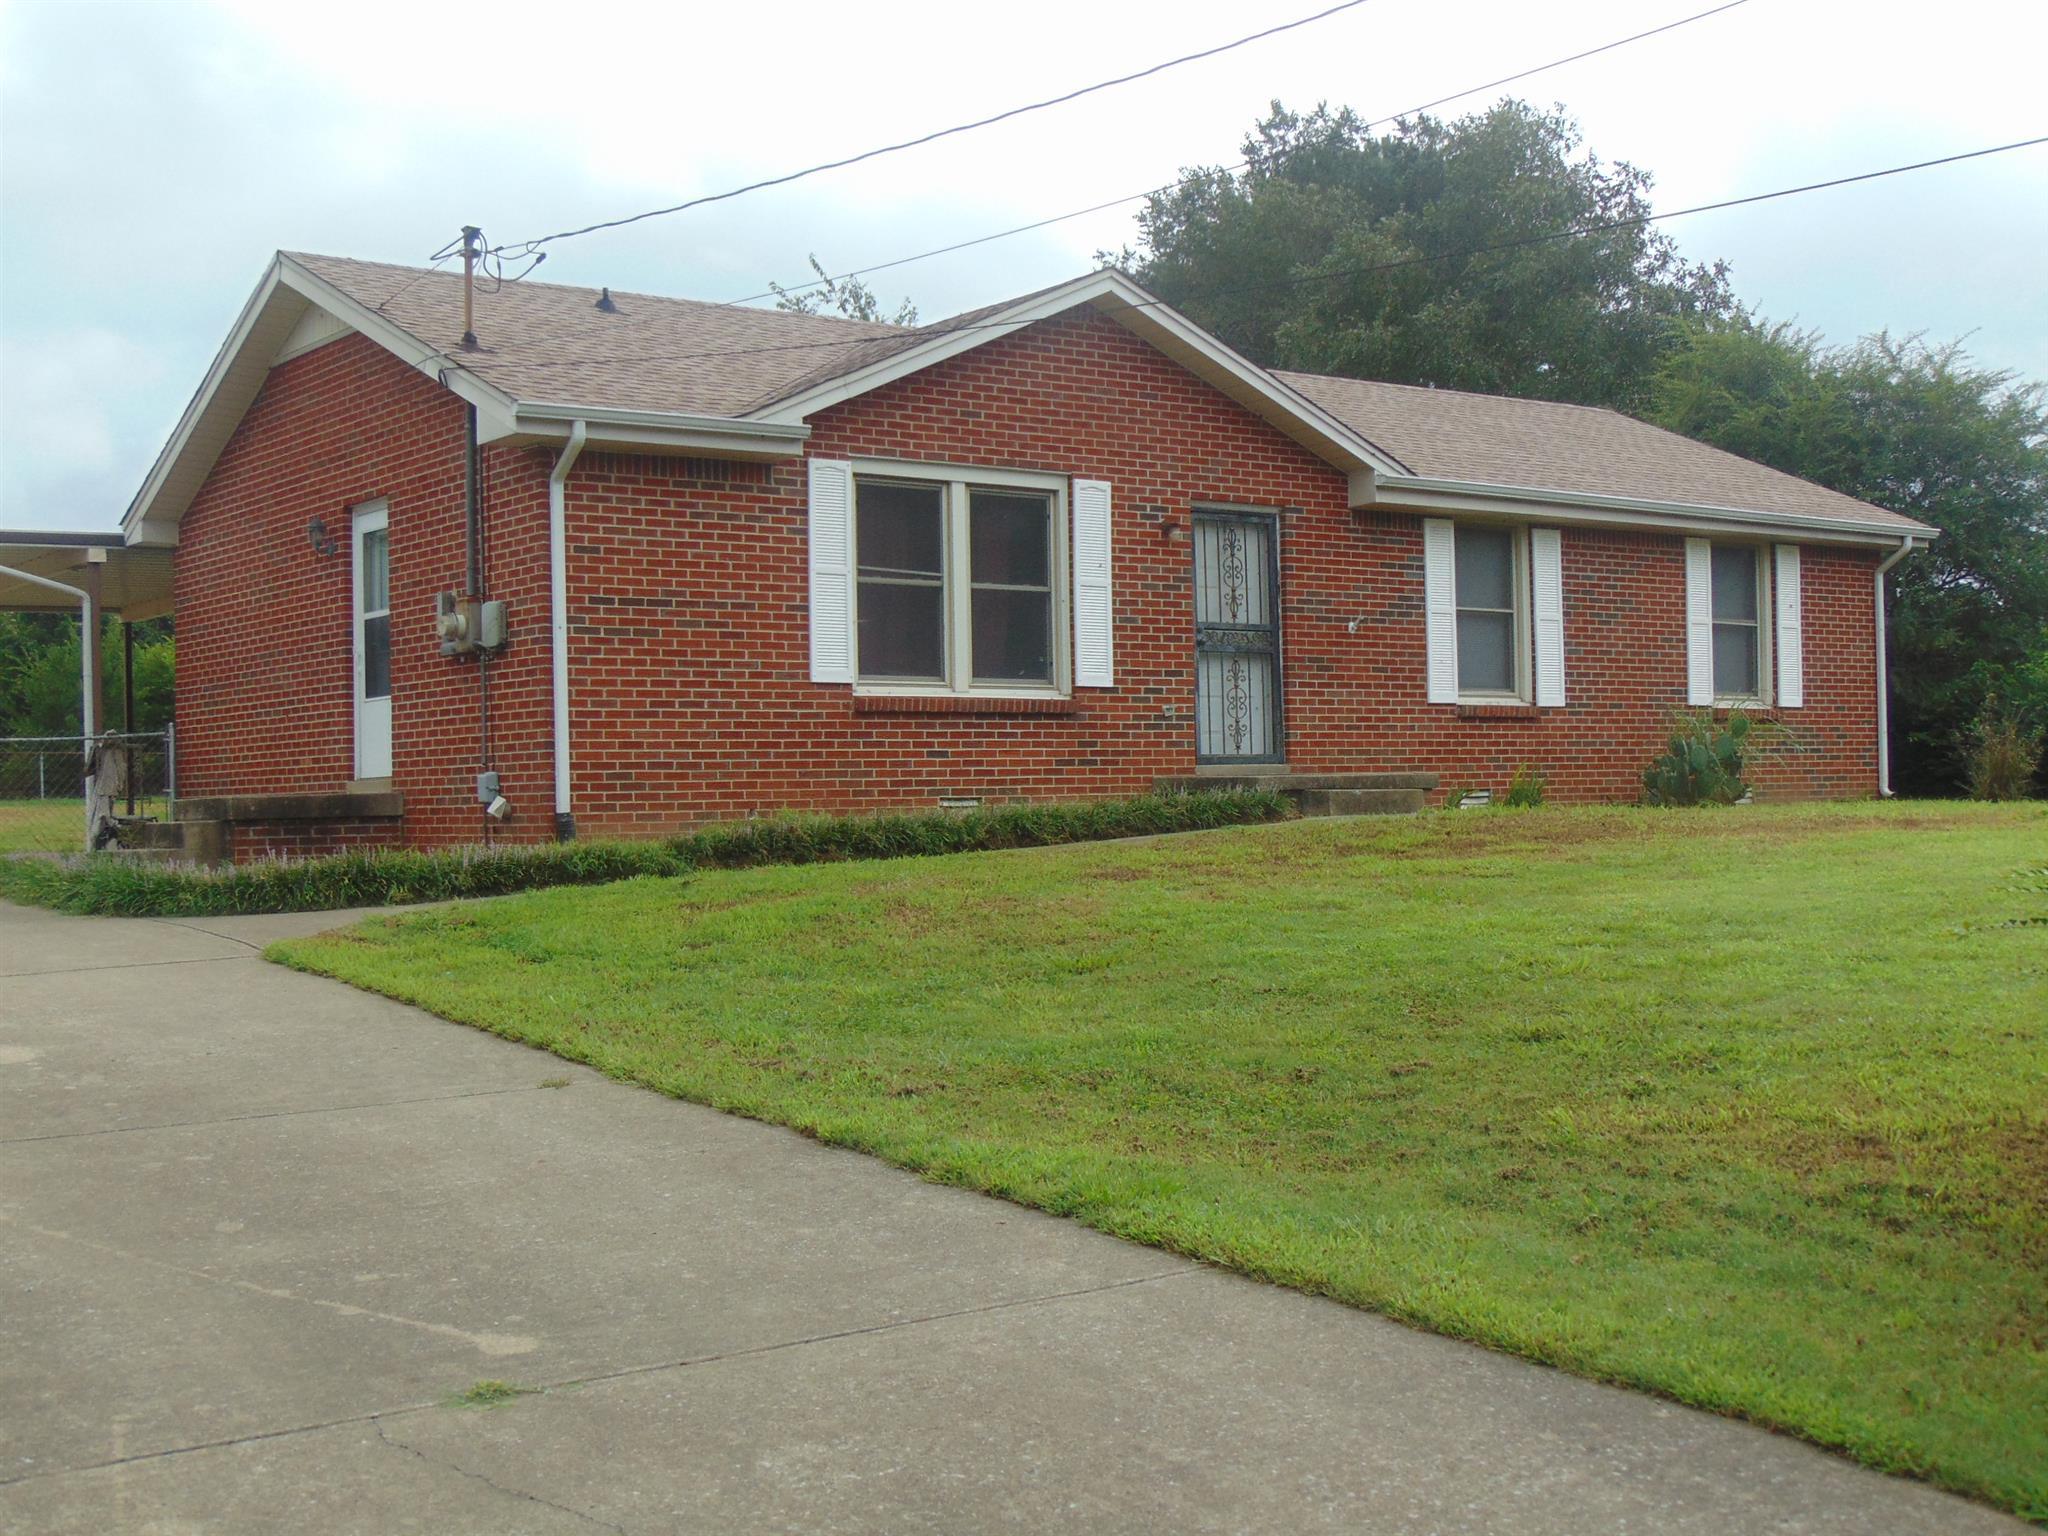 517 Overton Dr, Clarksville, TN 37042